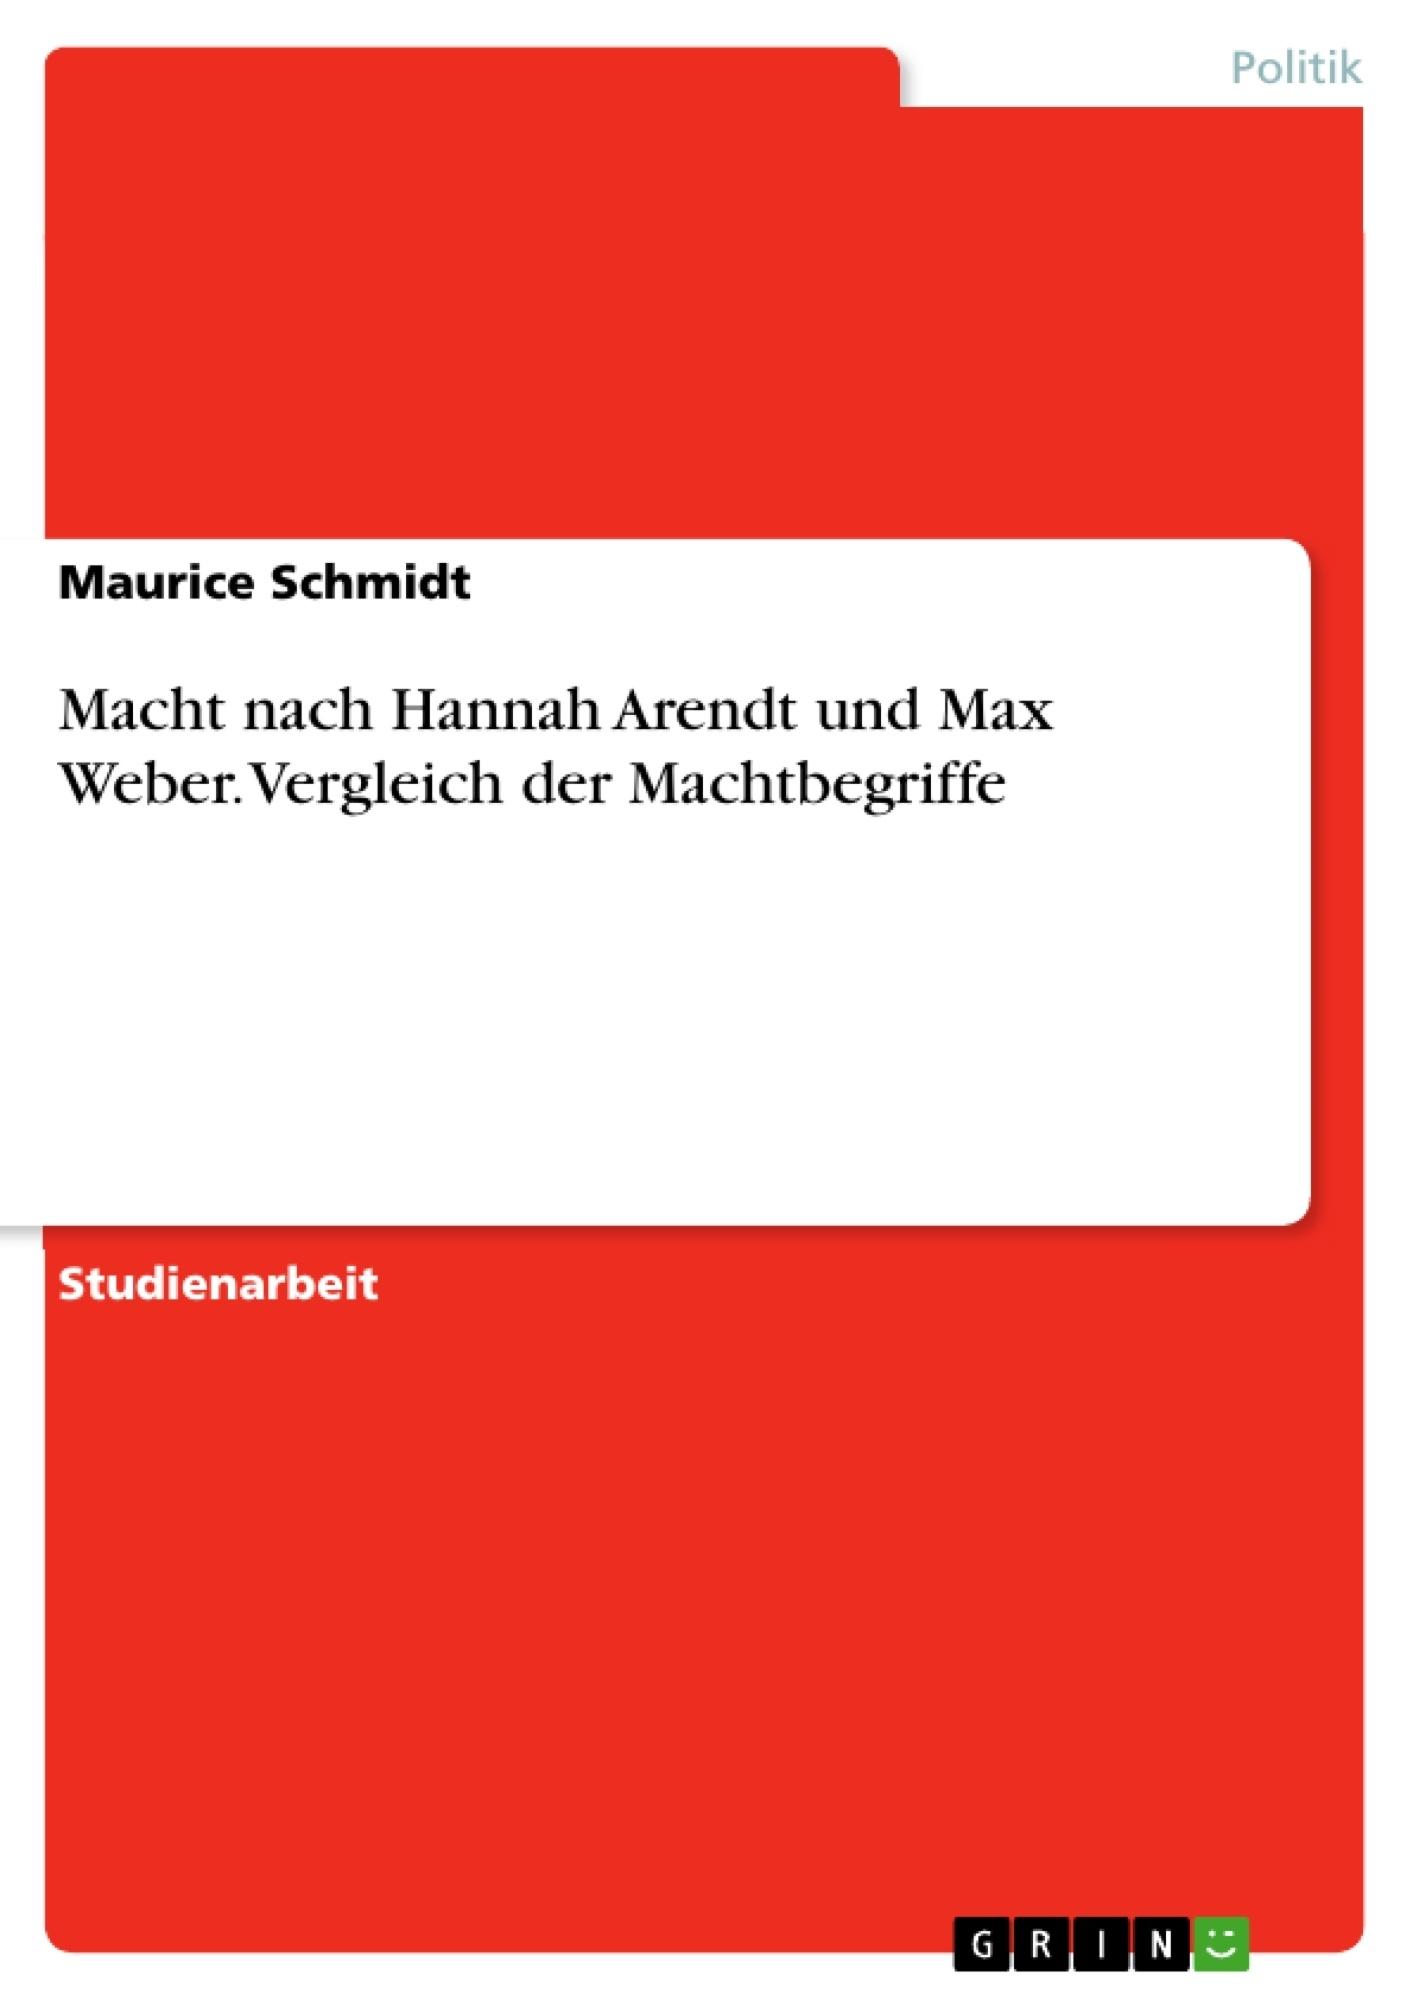 Titel: Macht nach Hannah Arendt und Max Weber. Vergleich der Machtbegriffe